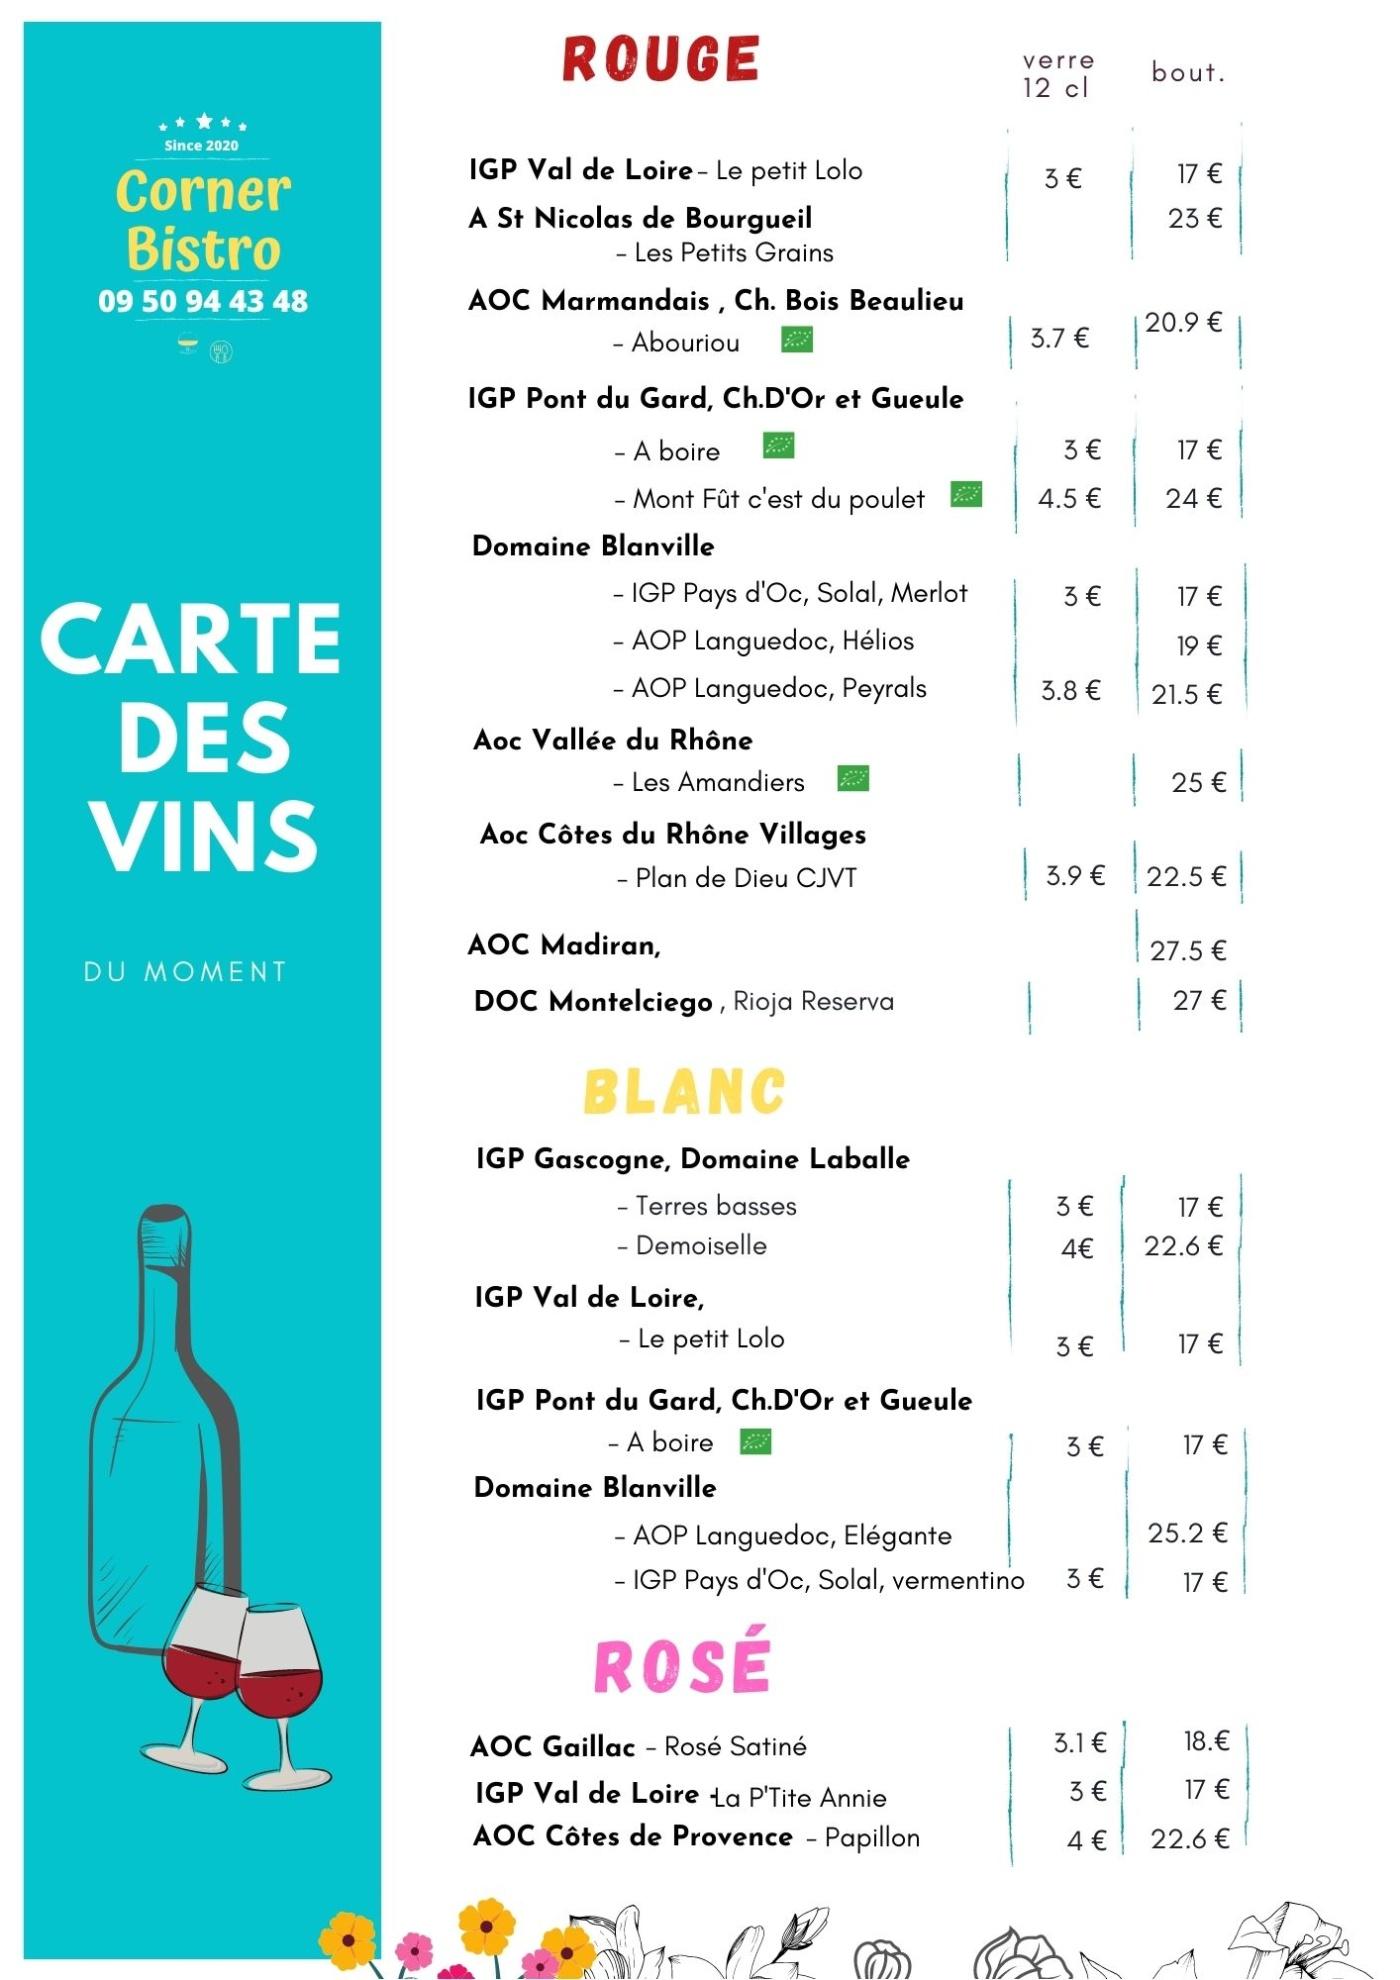 carte des vins du Corner Bistro à Noyal sur Vilaine